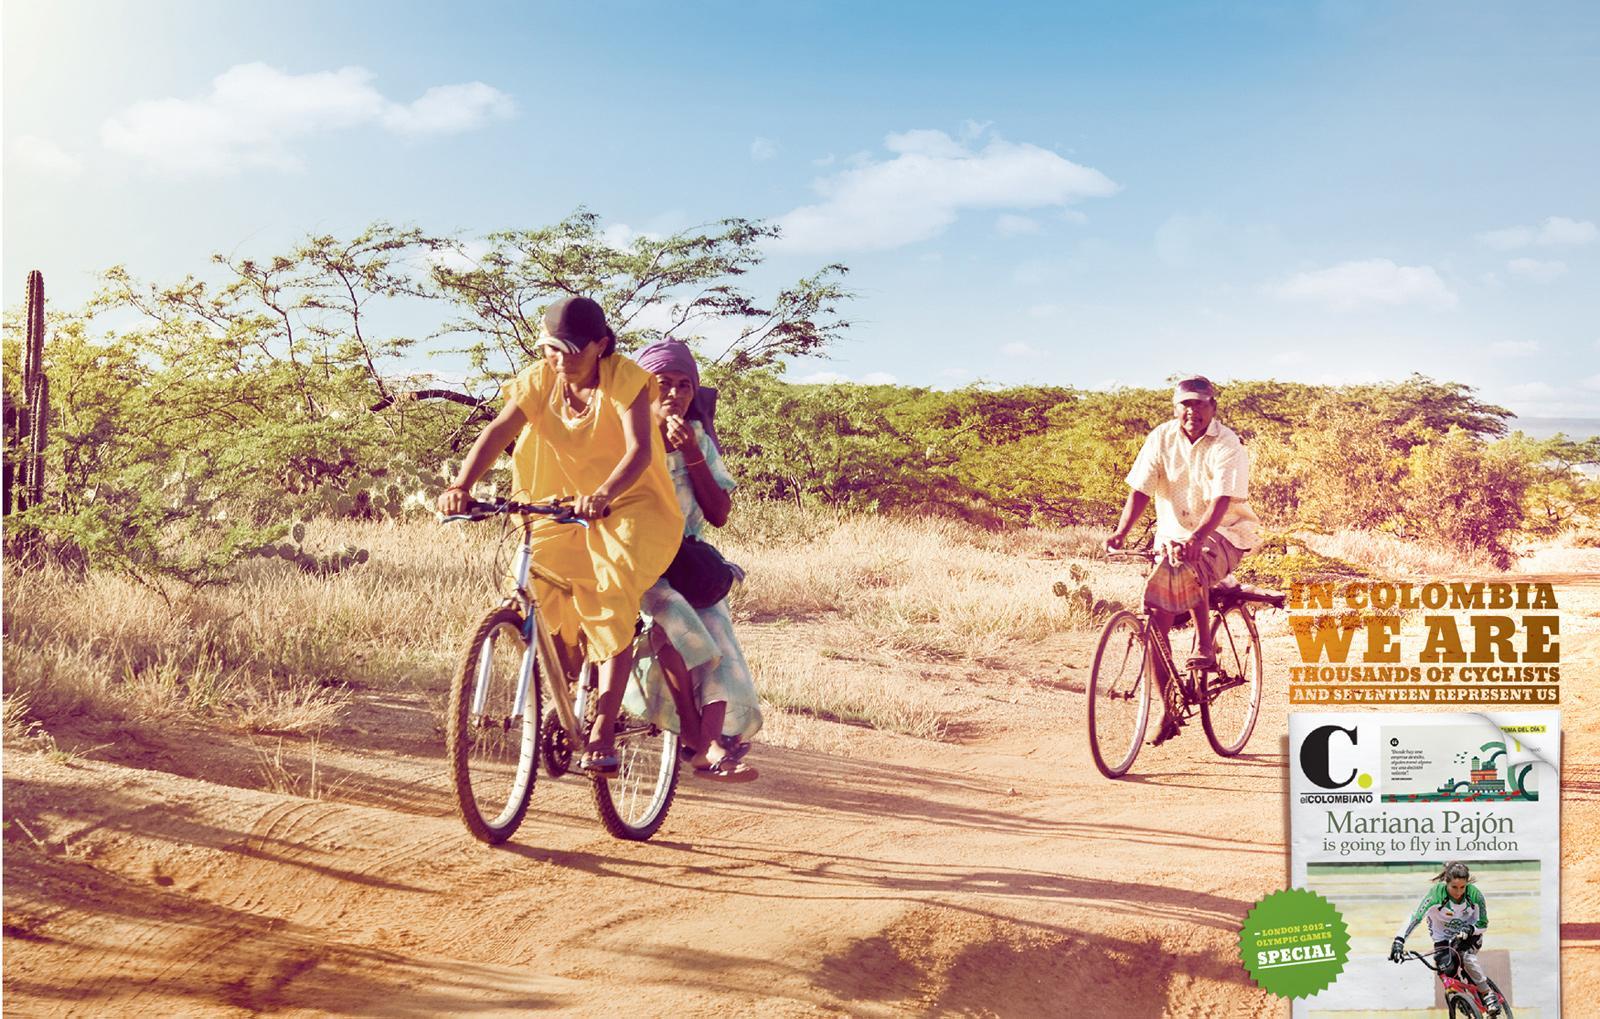 El Colombiano Print Ad -  Cyclists